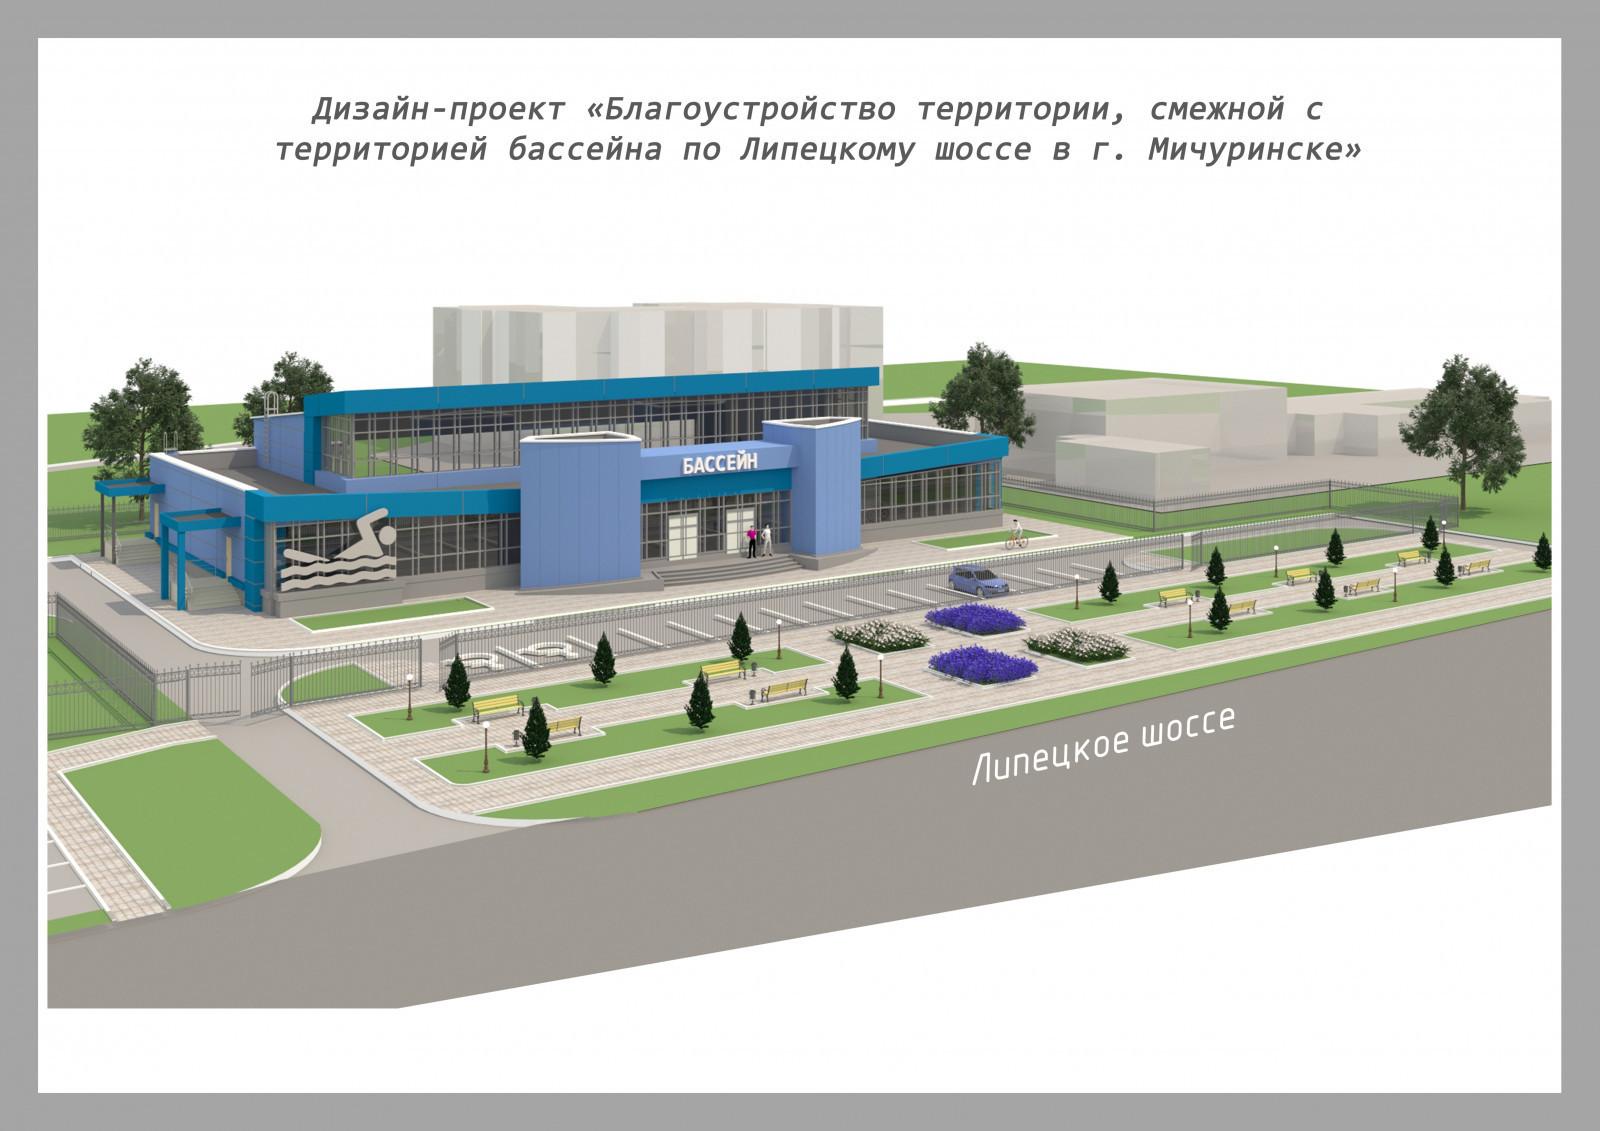 250 дворовых и 71 общественная территория будут благоустроены на Тамбовщине в рамках  приоритетного проекта «ЖКХ и городская среда» в 2017 году